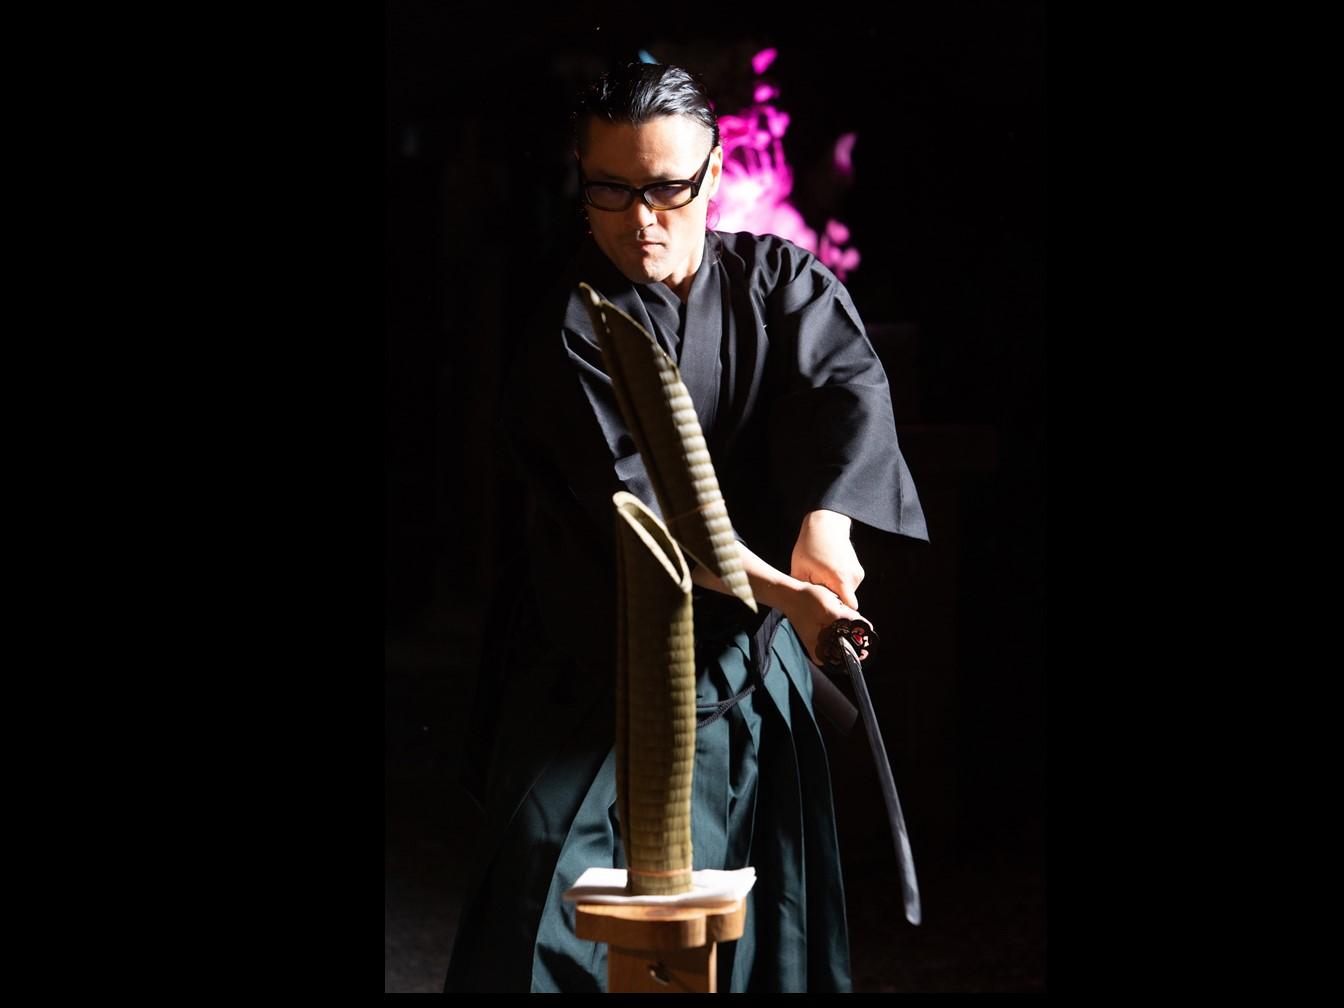 【体験】【見学プラン】居合神社サムライショー